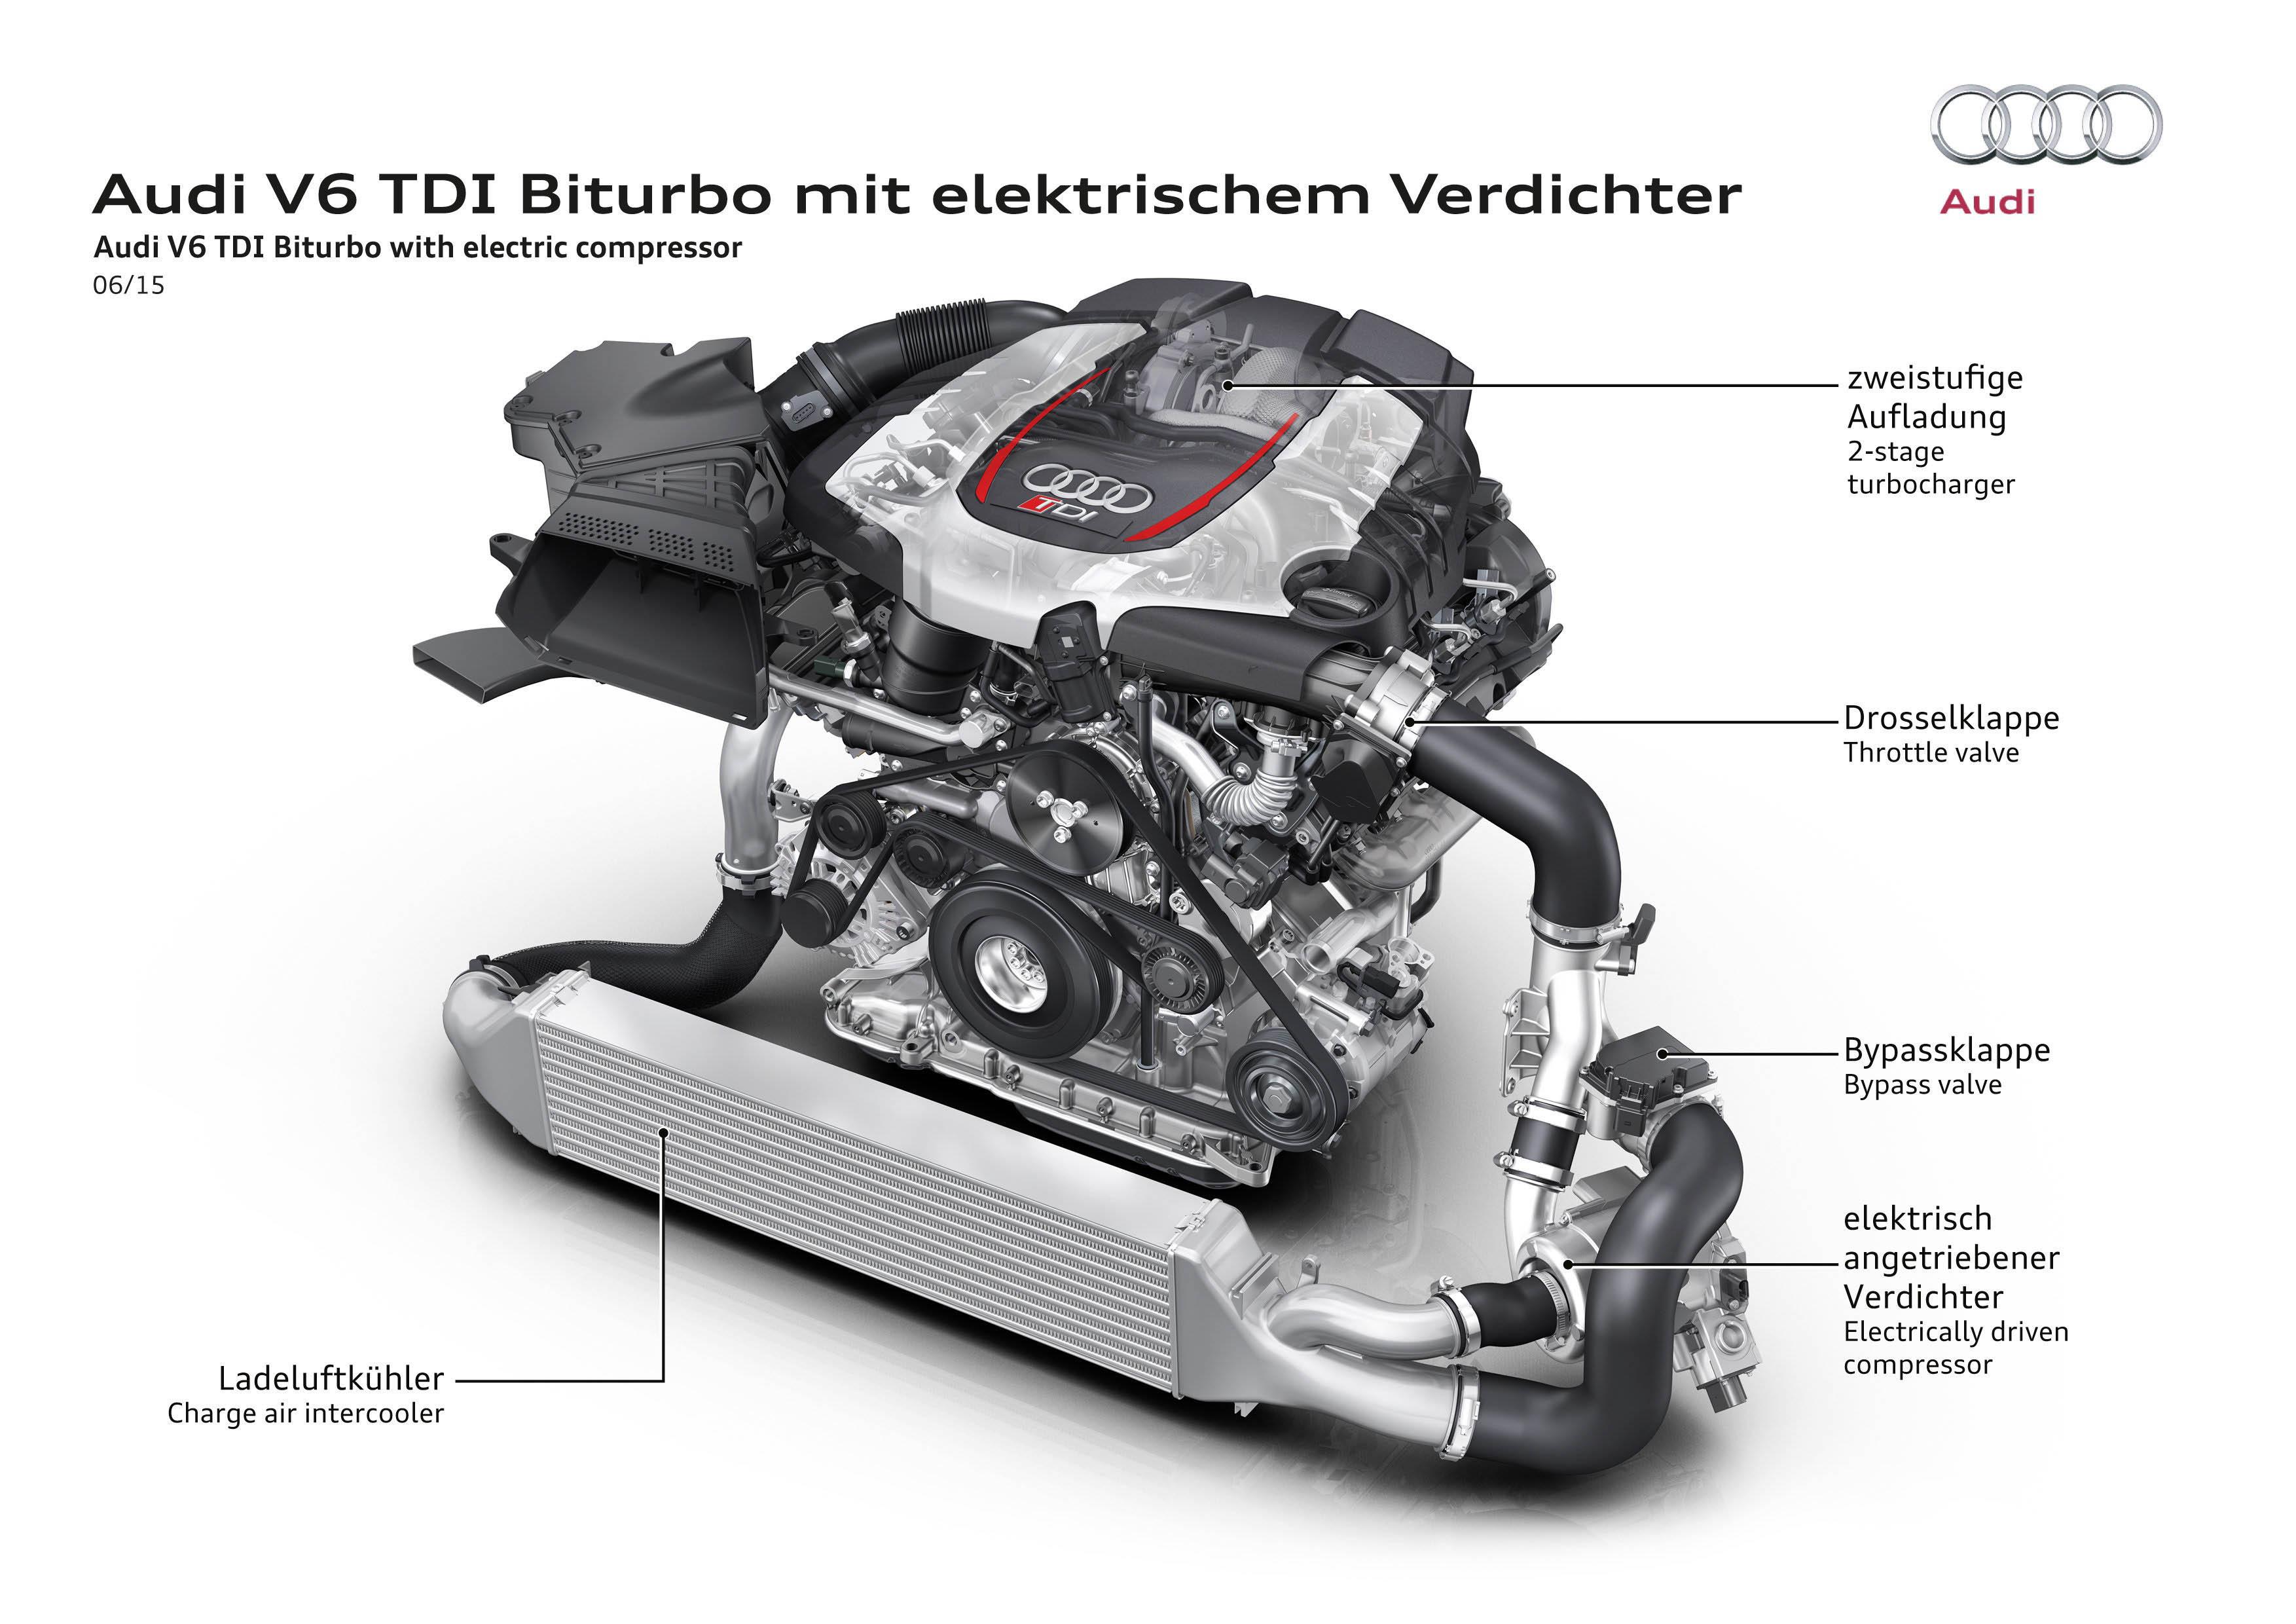 De dieselmotor van de RS5 Competition Concept heeft ruim dubbel zoveel vermogen als een standaard 3.0 V6 TDI, en bijna dubbel zoveel koppel als een RS5 seriemodel met benzine V8.